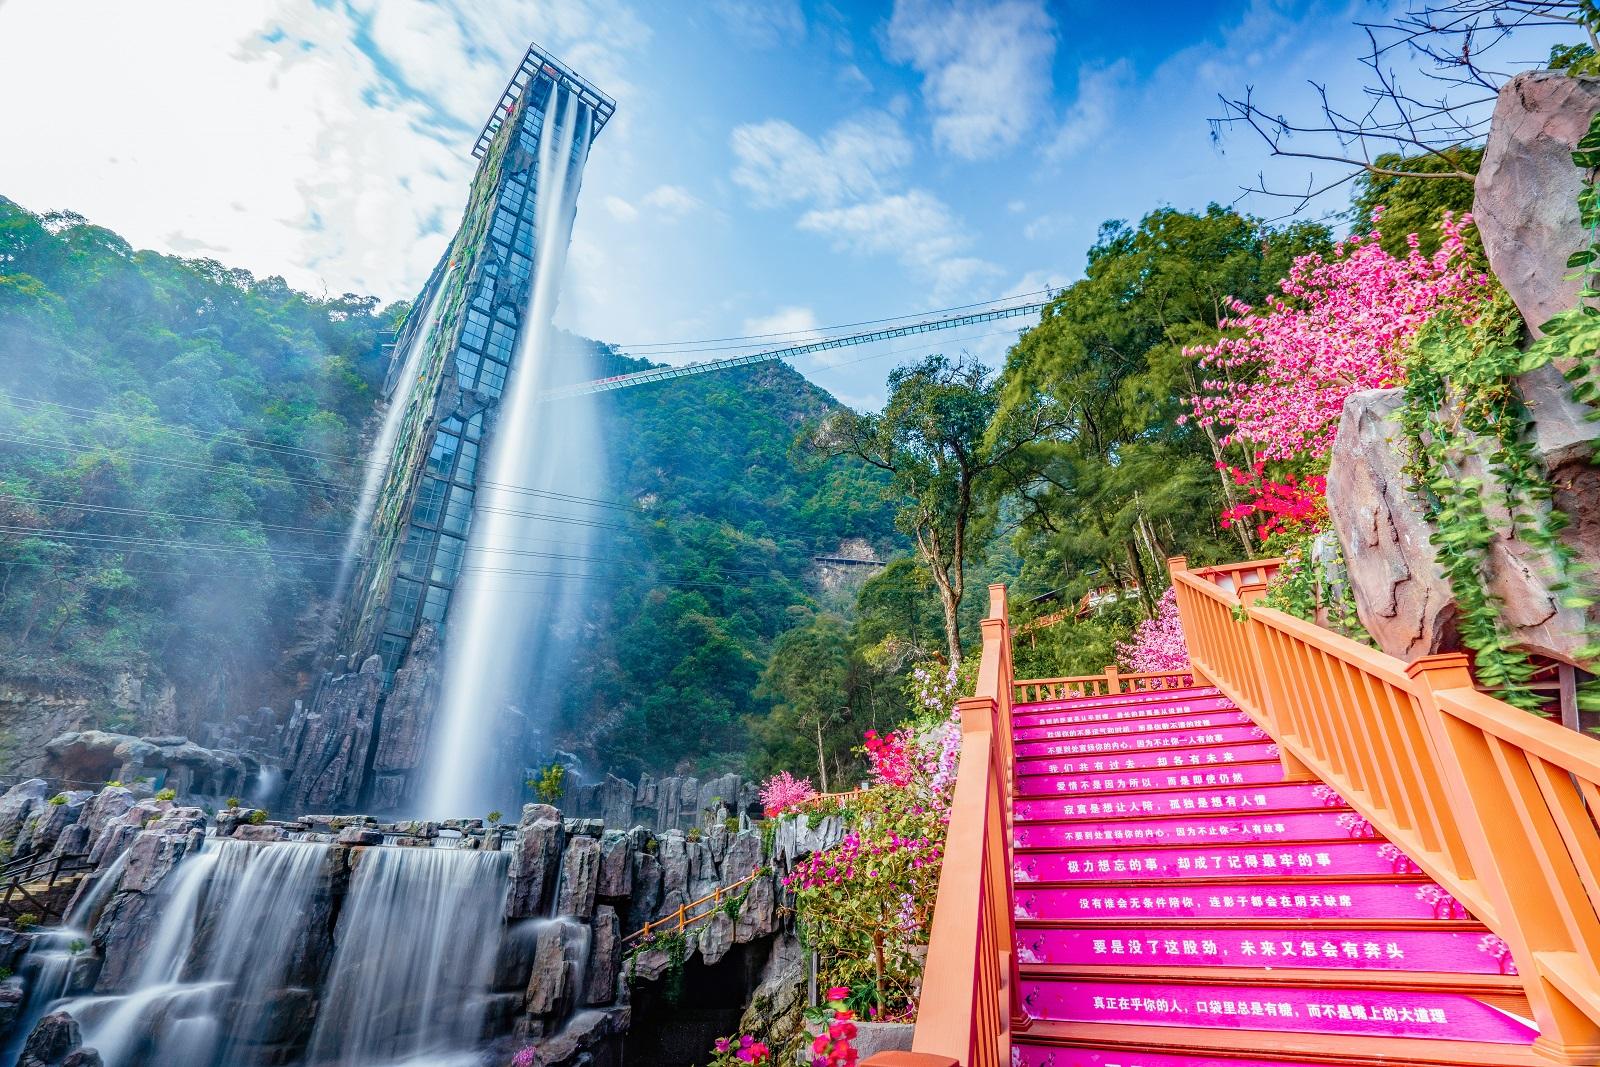 雲門山自然風景區